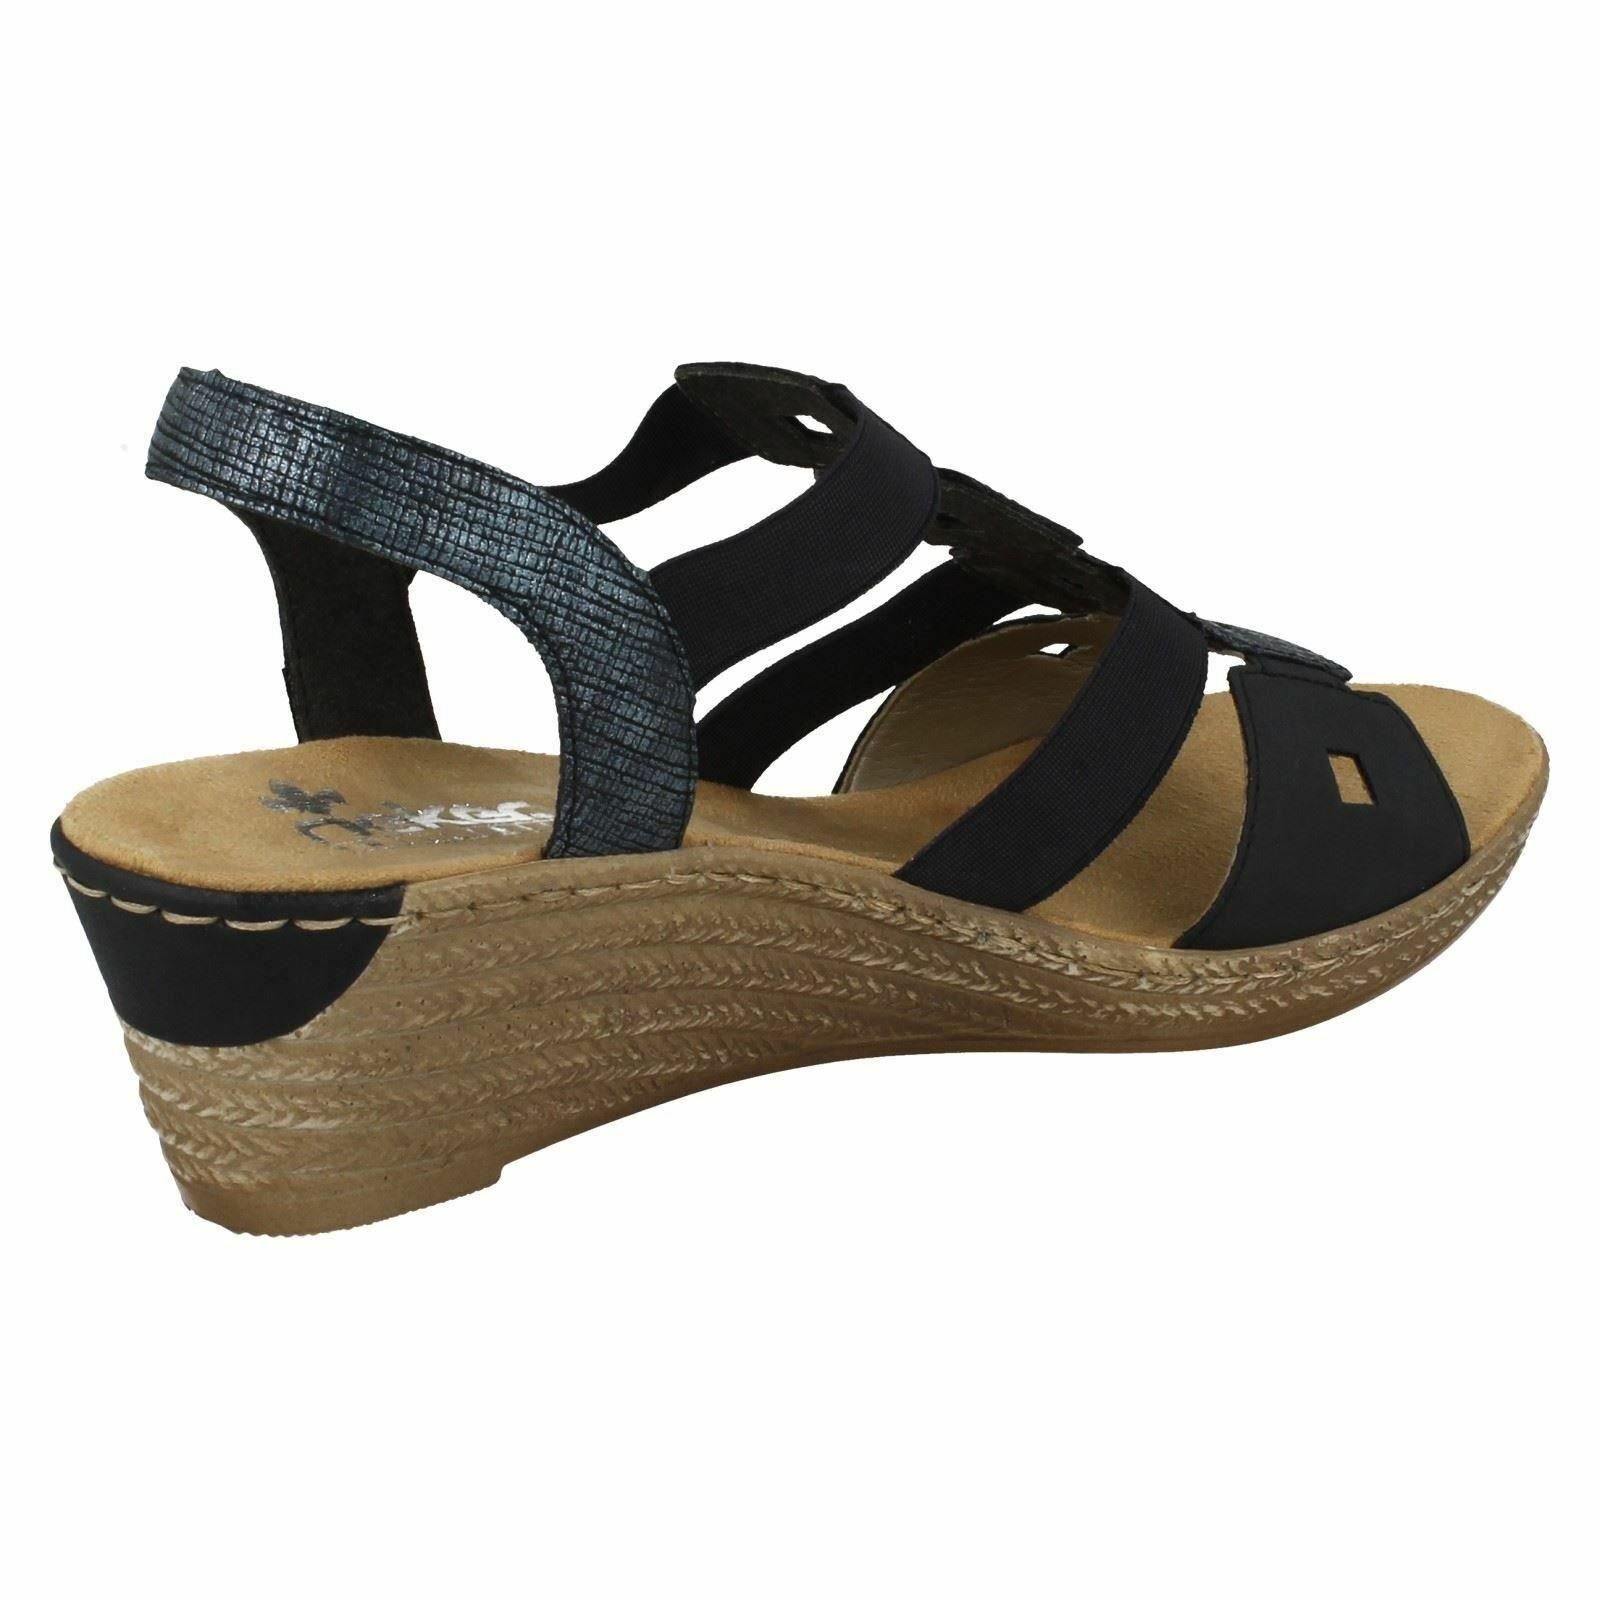 Femmes Noir/Bleu Marine Bride Arrière Arrière Arrière Rieker des sandales compensées 62488 e68372